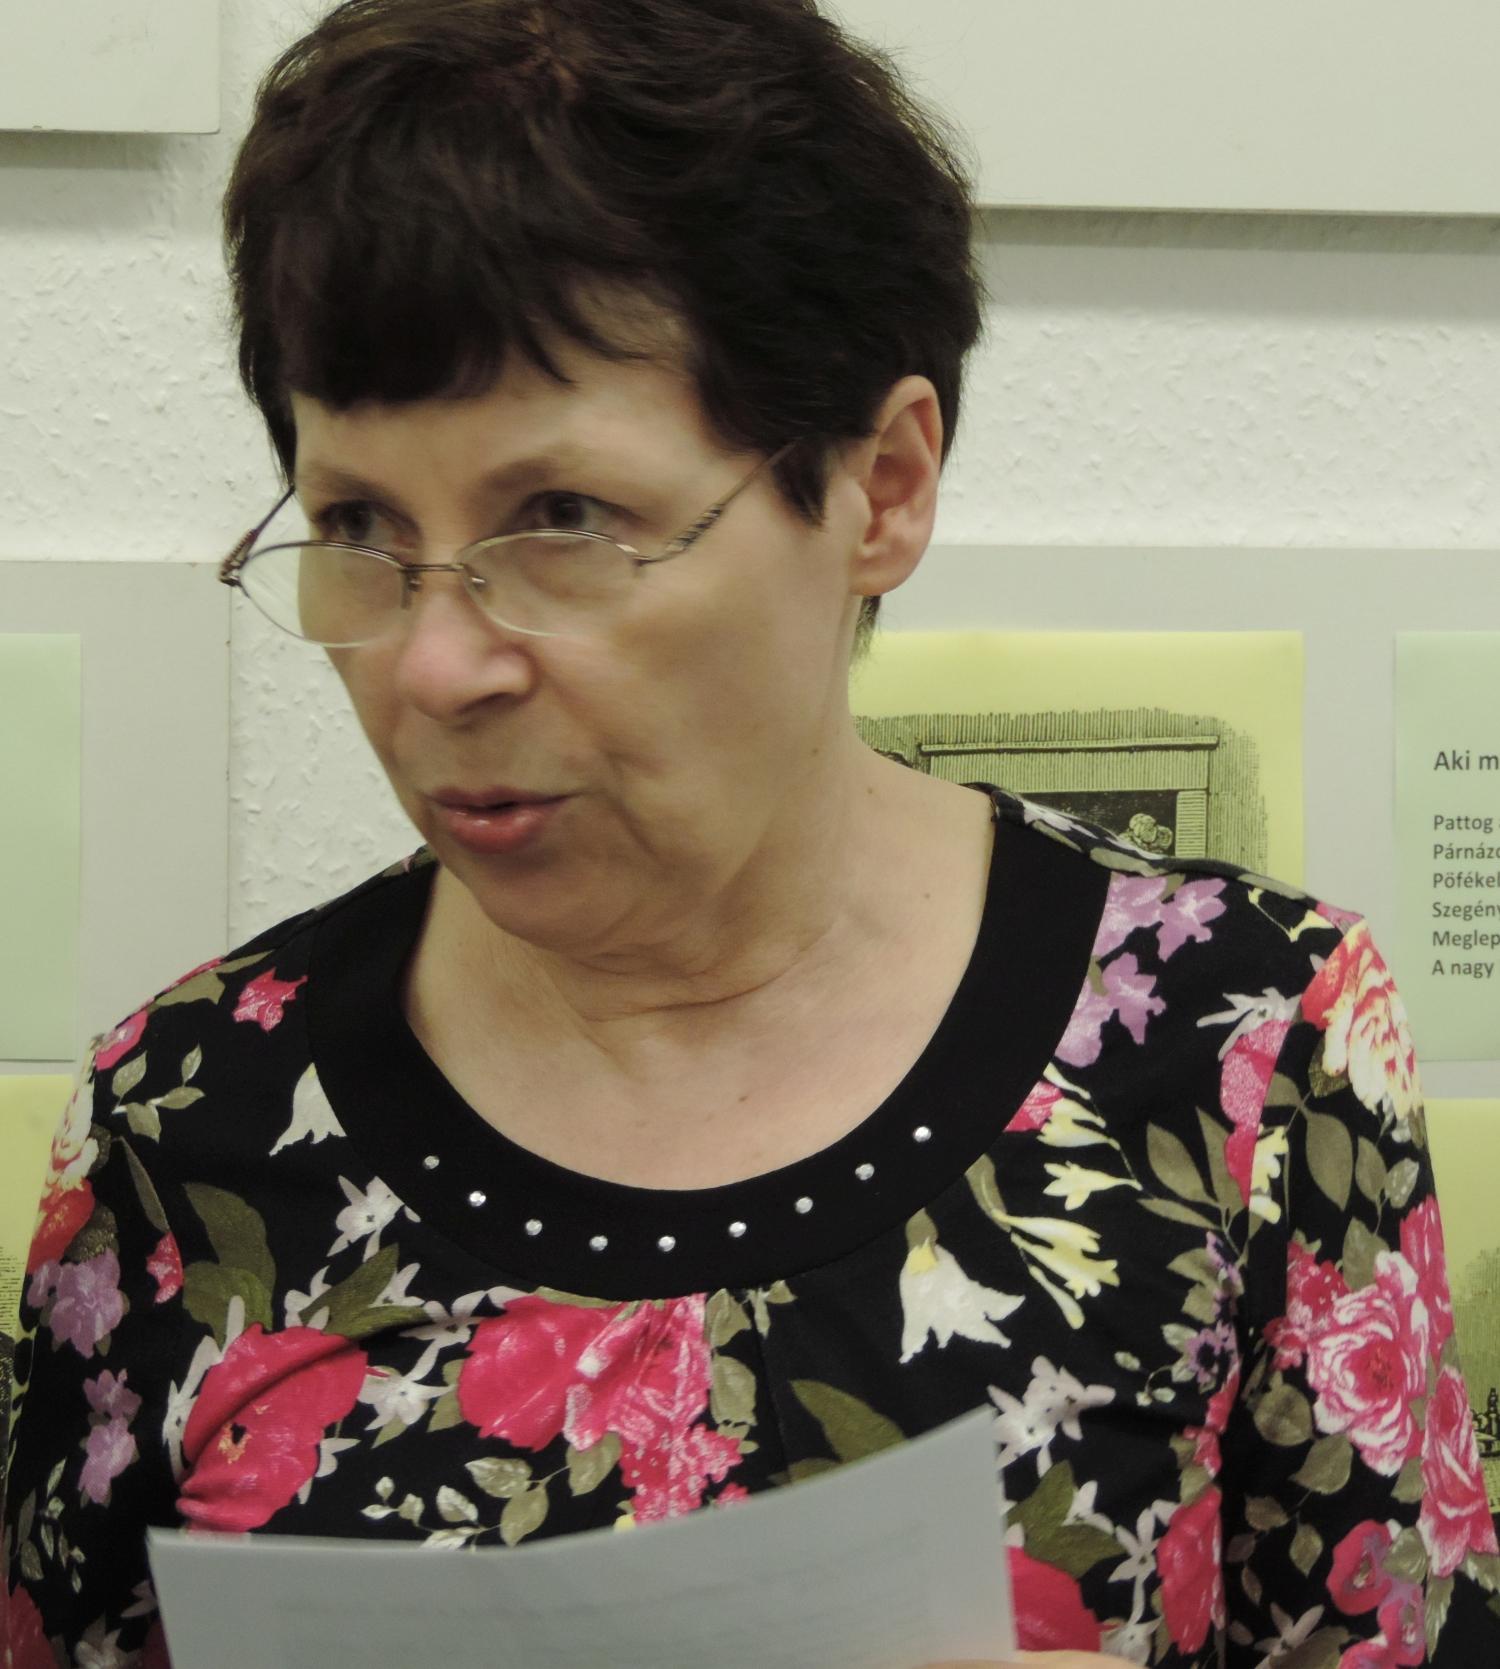 Fábián Zsuzsa lexikográfus-nyelvész, a kiállítás megnyitója